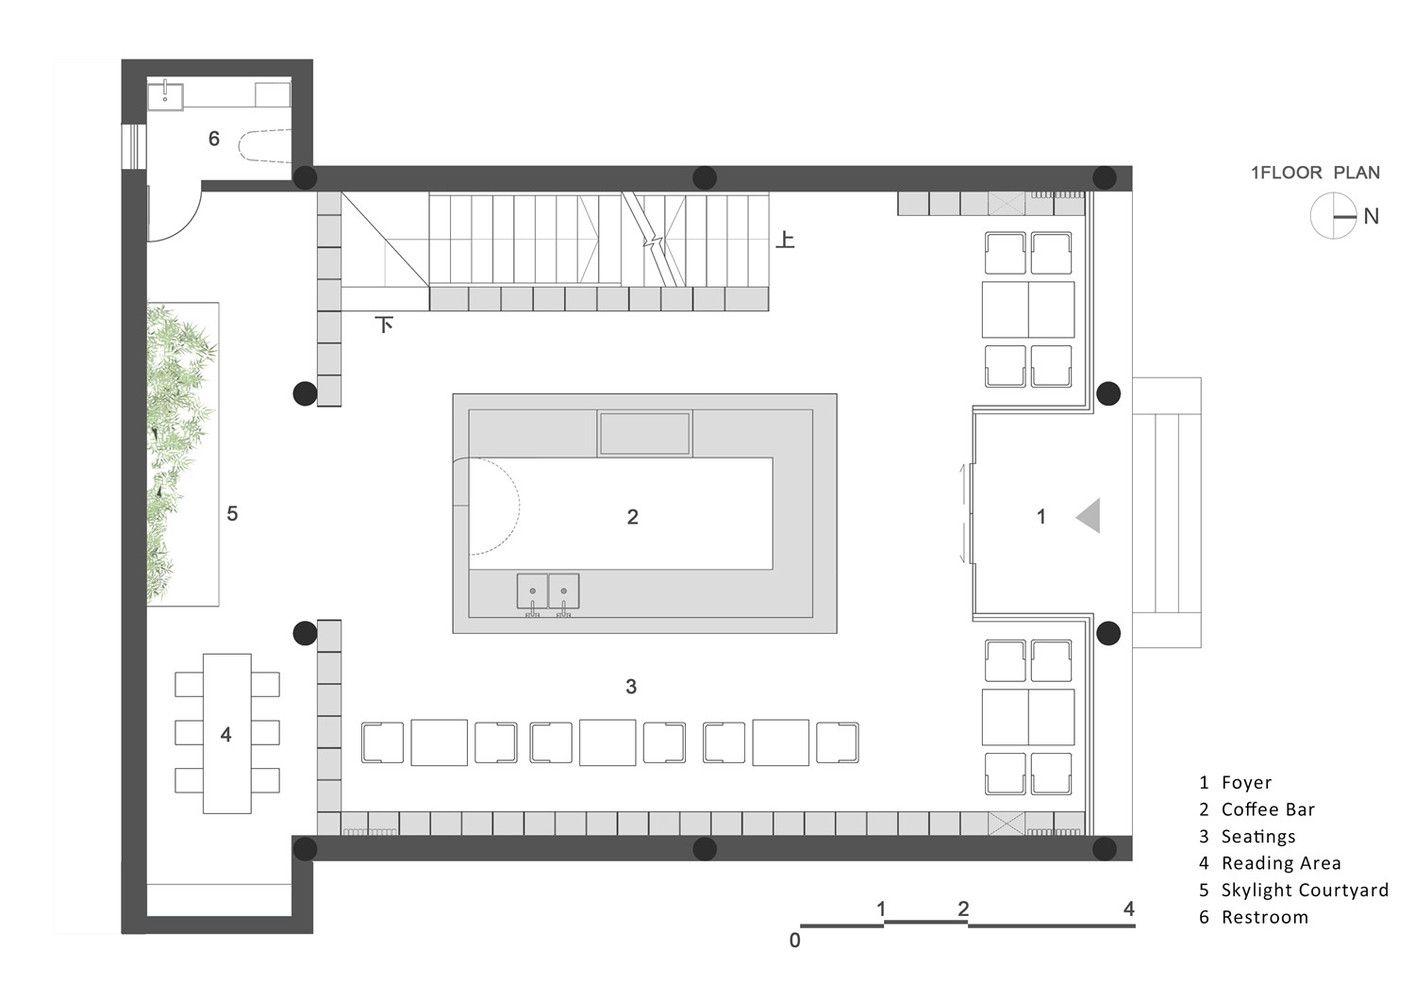 Gallery Of Rong Bao Zhai Coffee Bookstore Archstudio 1 Cafe Floor Plan Floor Plans Coffee Shop Design